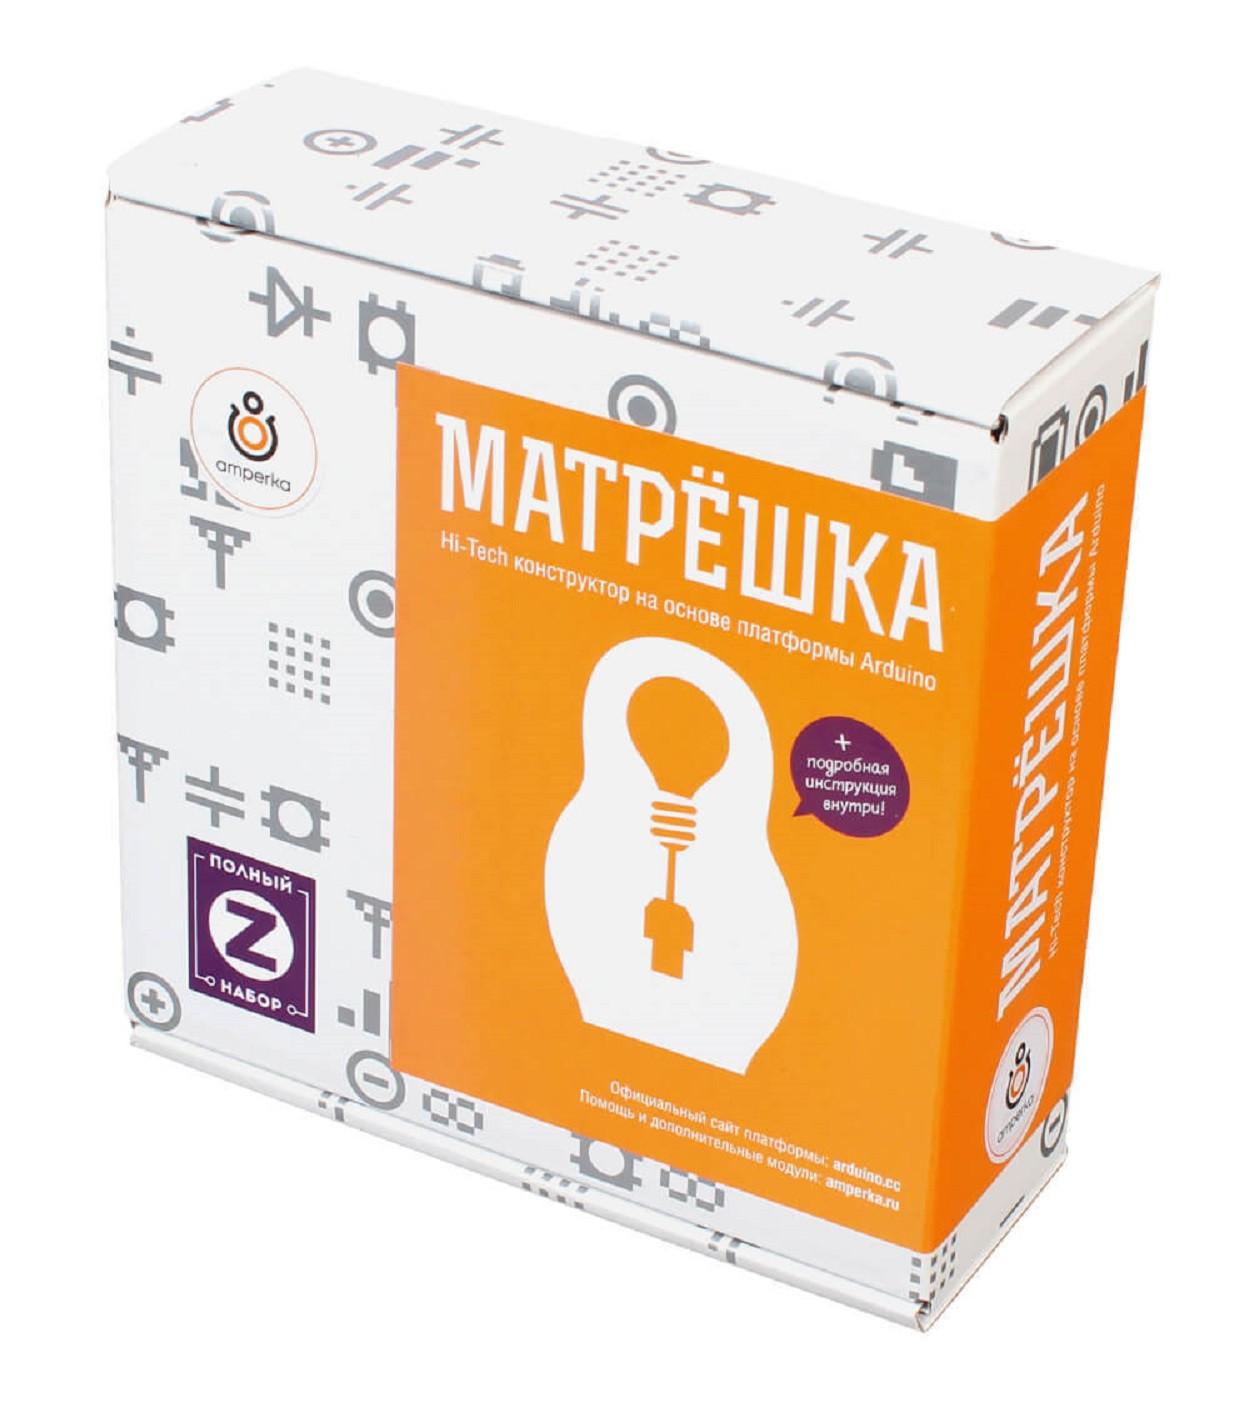 Образовательный конструктор Матрёшка Z (Iskra Uno)